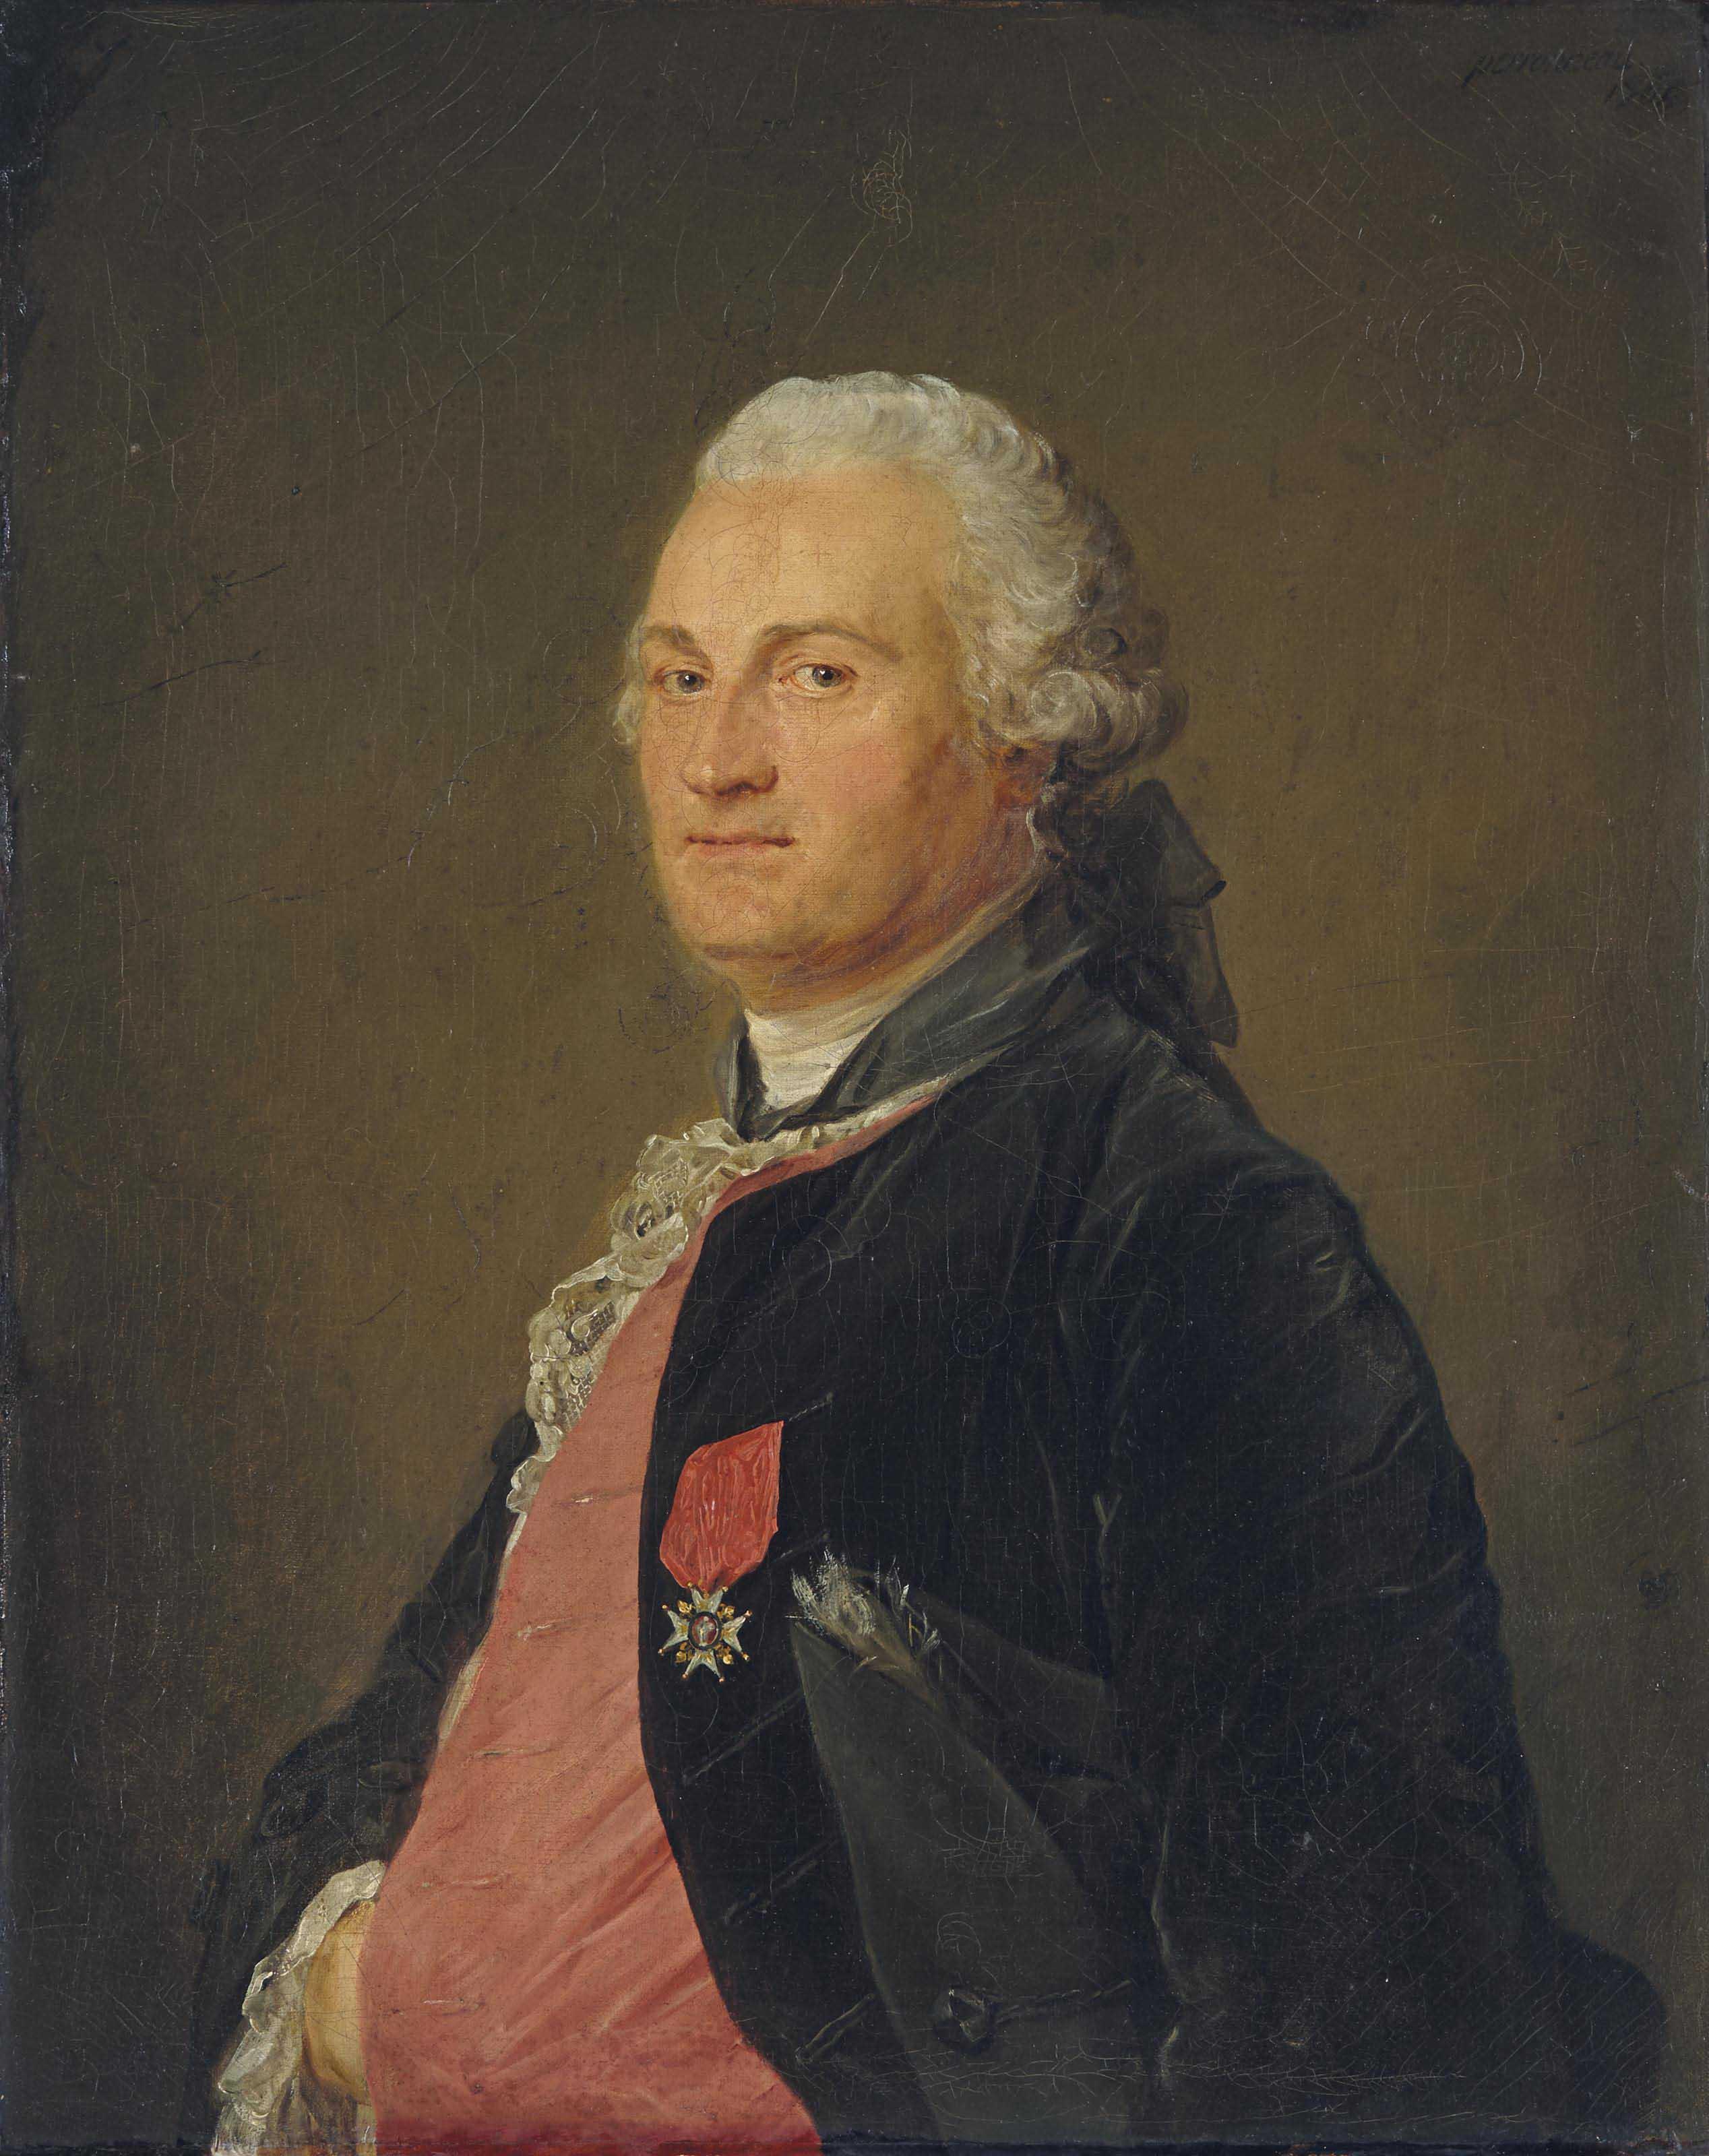 Portrait présumé de Barthélémy Augustin Blondel d'Azincourt (1719-1795)